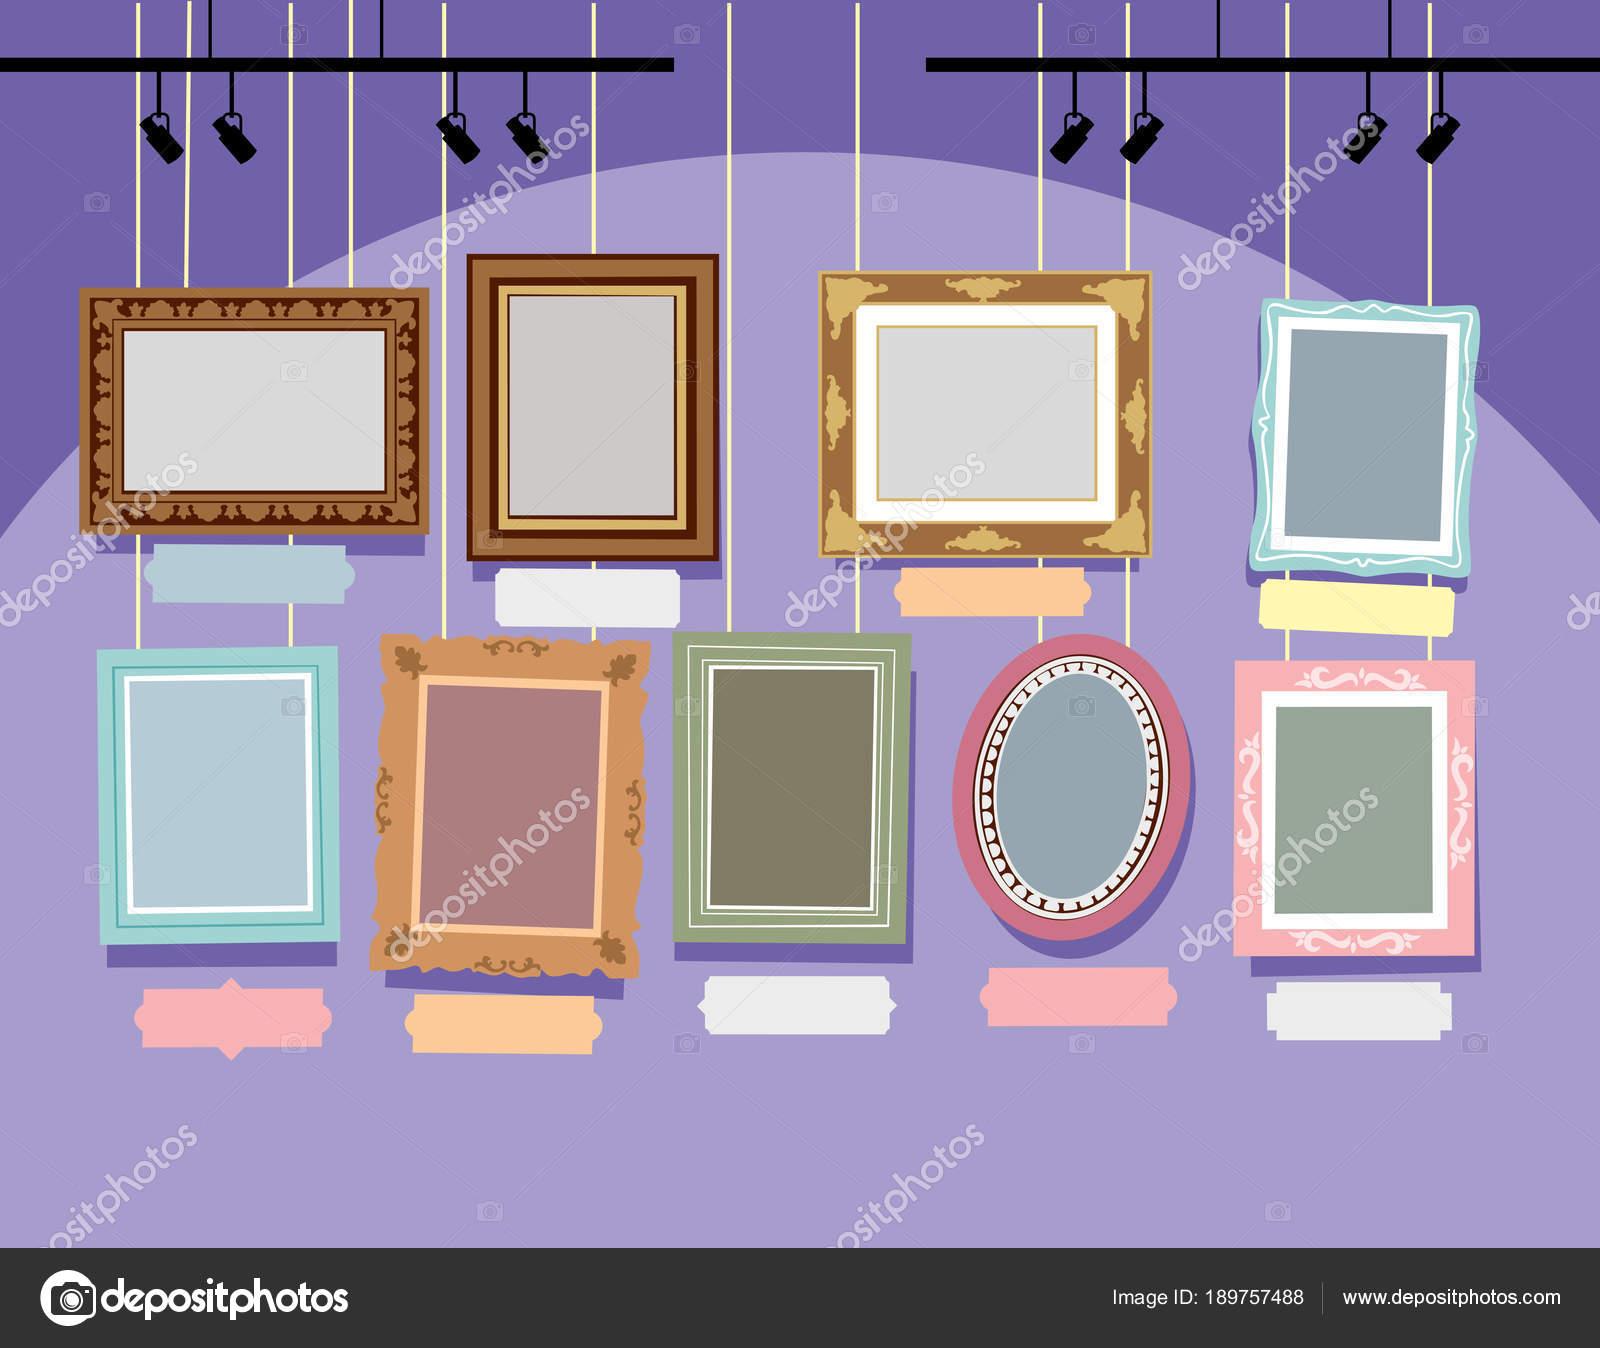 Marcos Diferentes Pintados Una Pared Color Púrpura Dibujo Vectorial ...